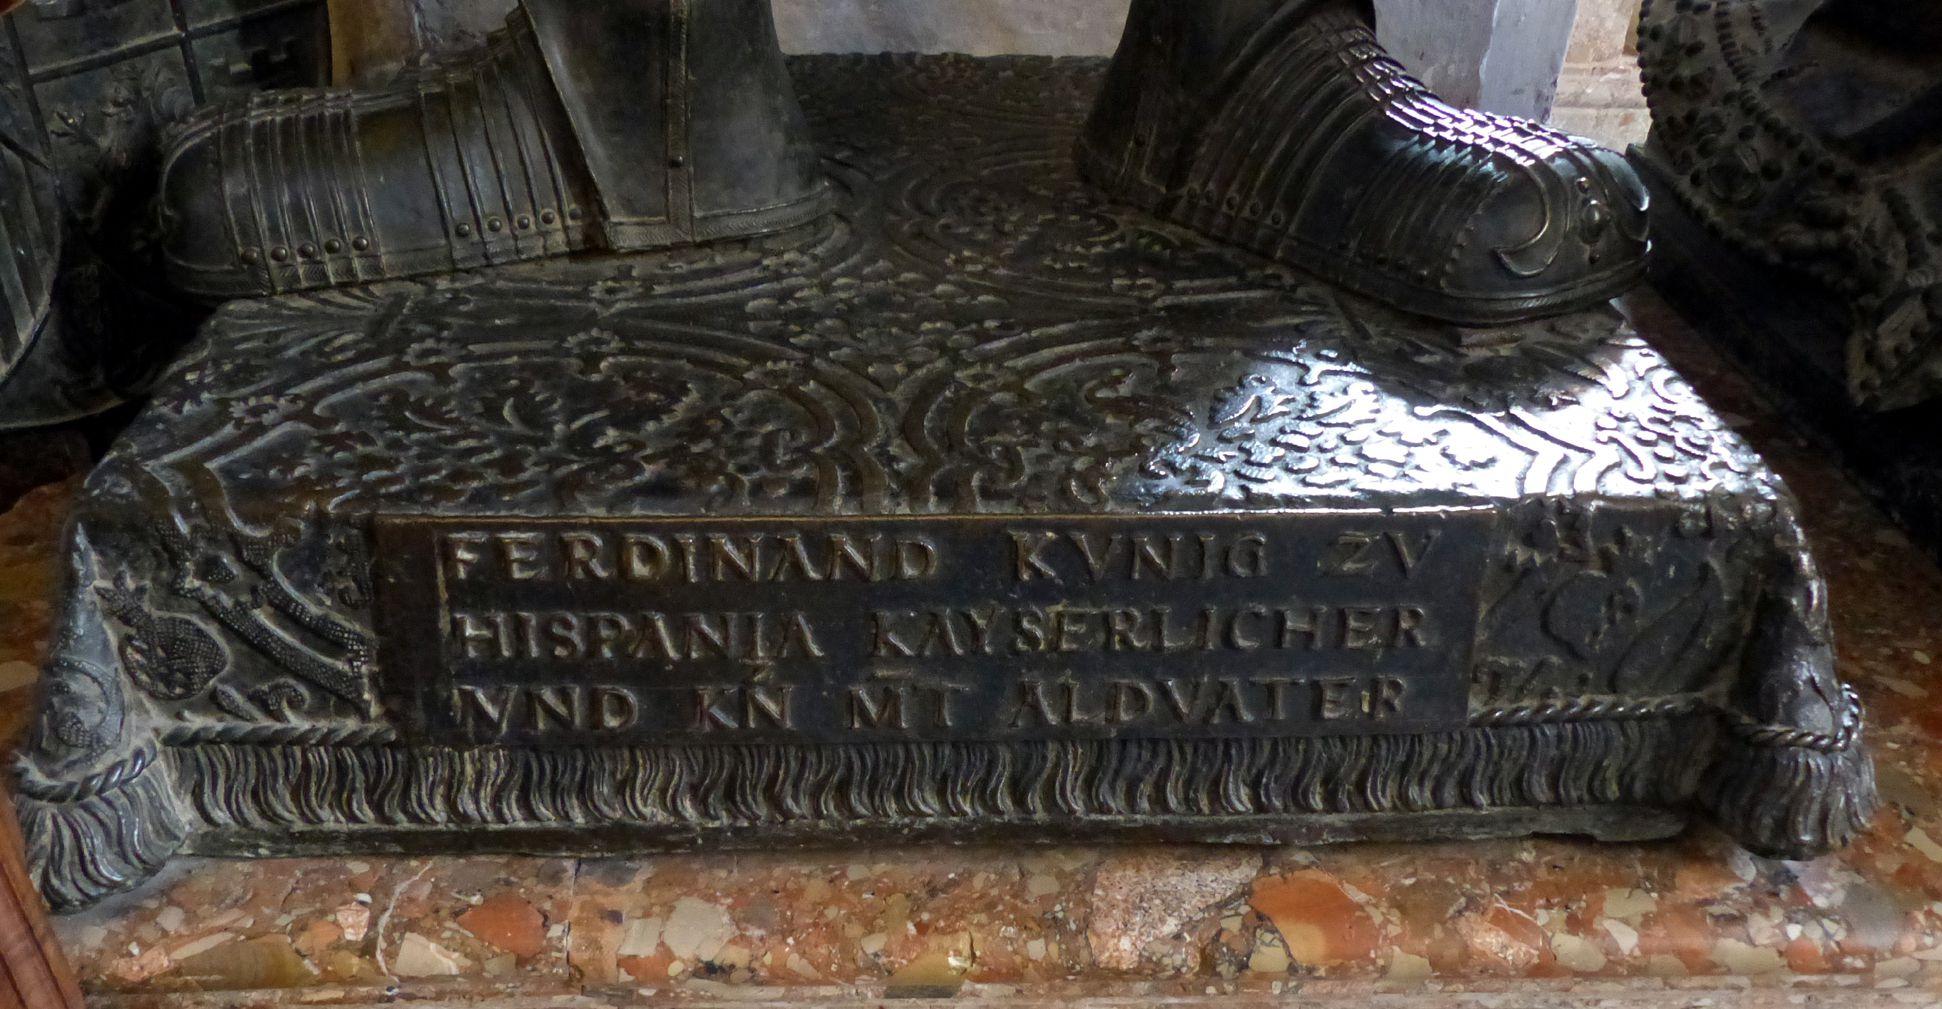 Ferdinand (der Katholische) von Aragón  (Innsbruck) Sockel mit Inschrift: FERDINAND KVNIG ZV / HISPANIA KAYSERLICHER / VND KN MT ALDVATER